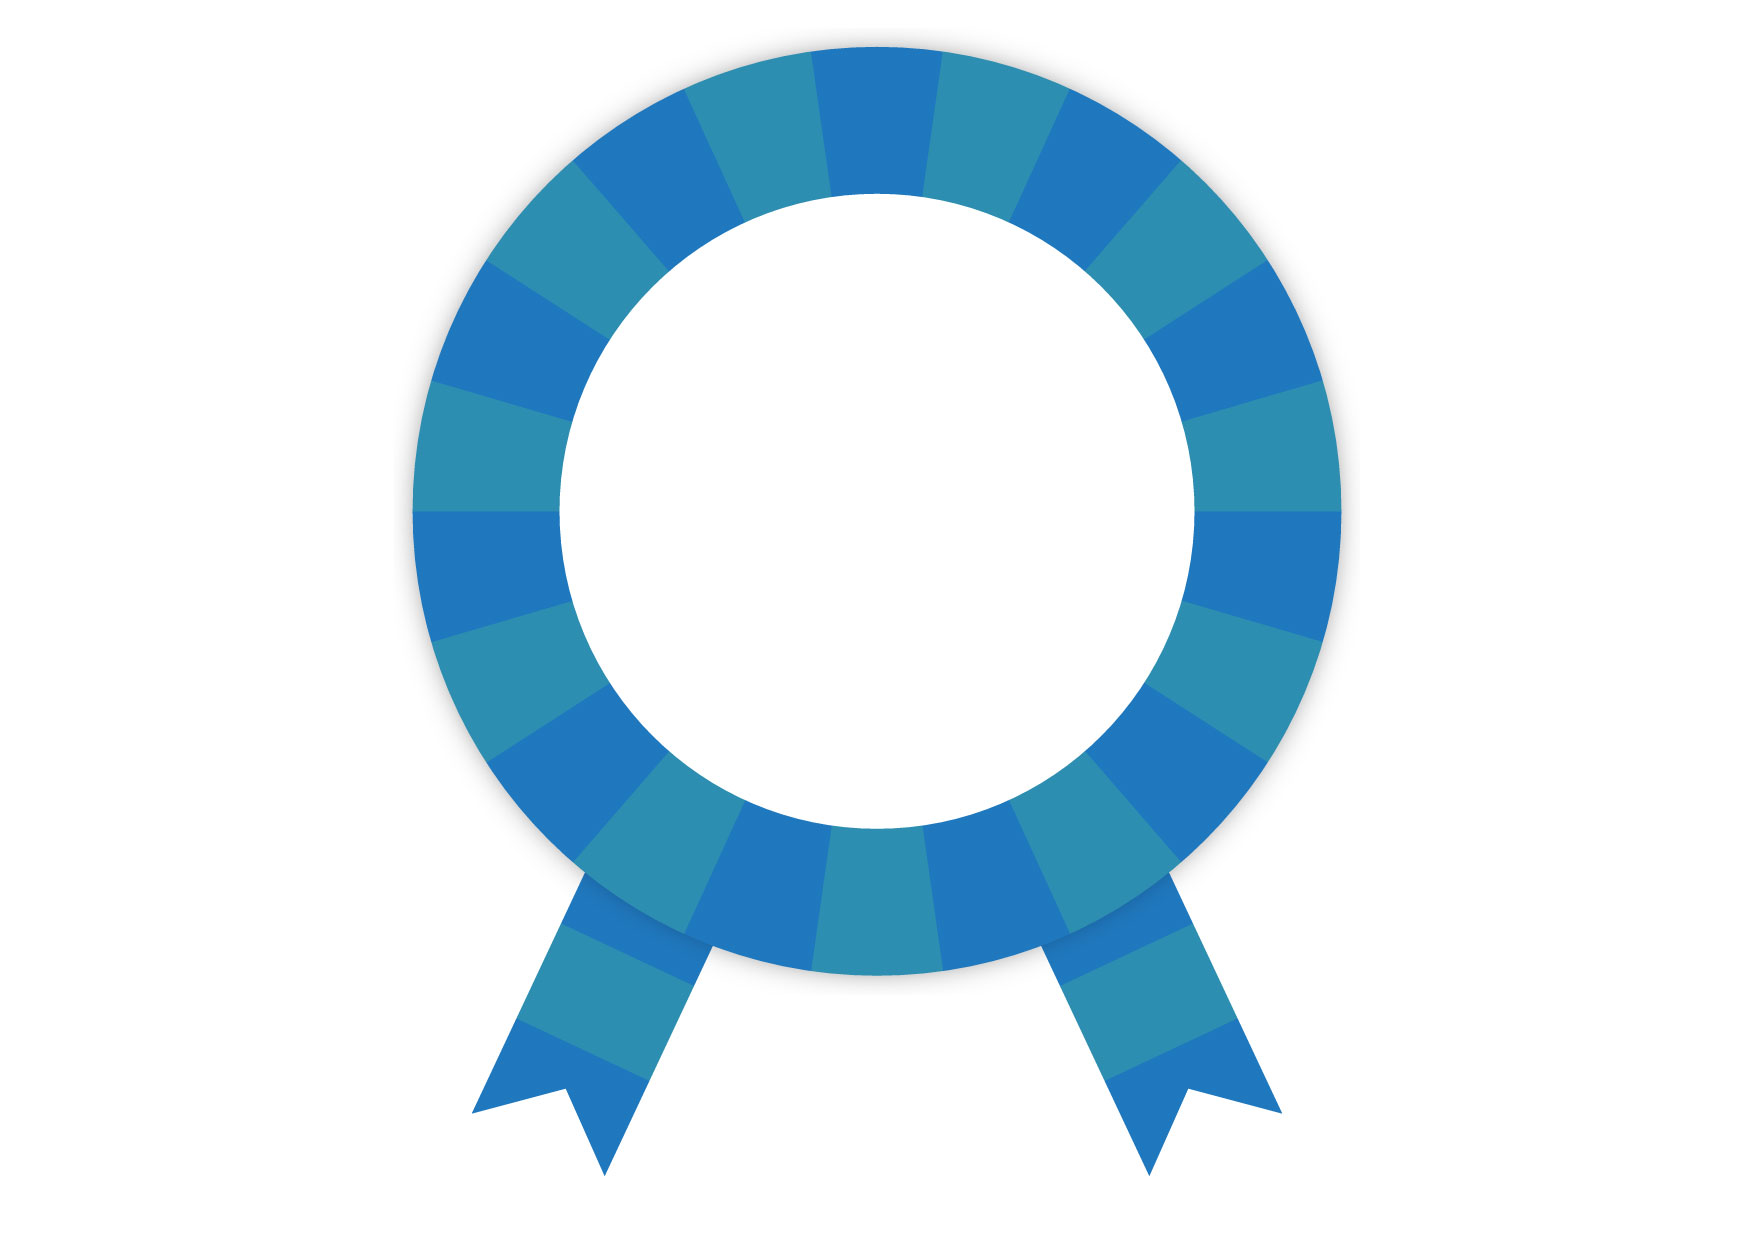 可愛いイラスト無料|青色 バッジ フレーム リボン − free illustration Blue badge frame ribbon